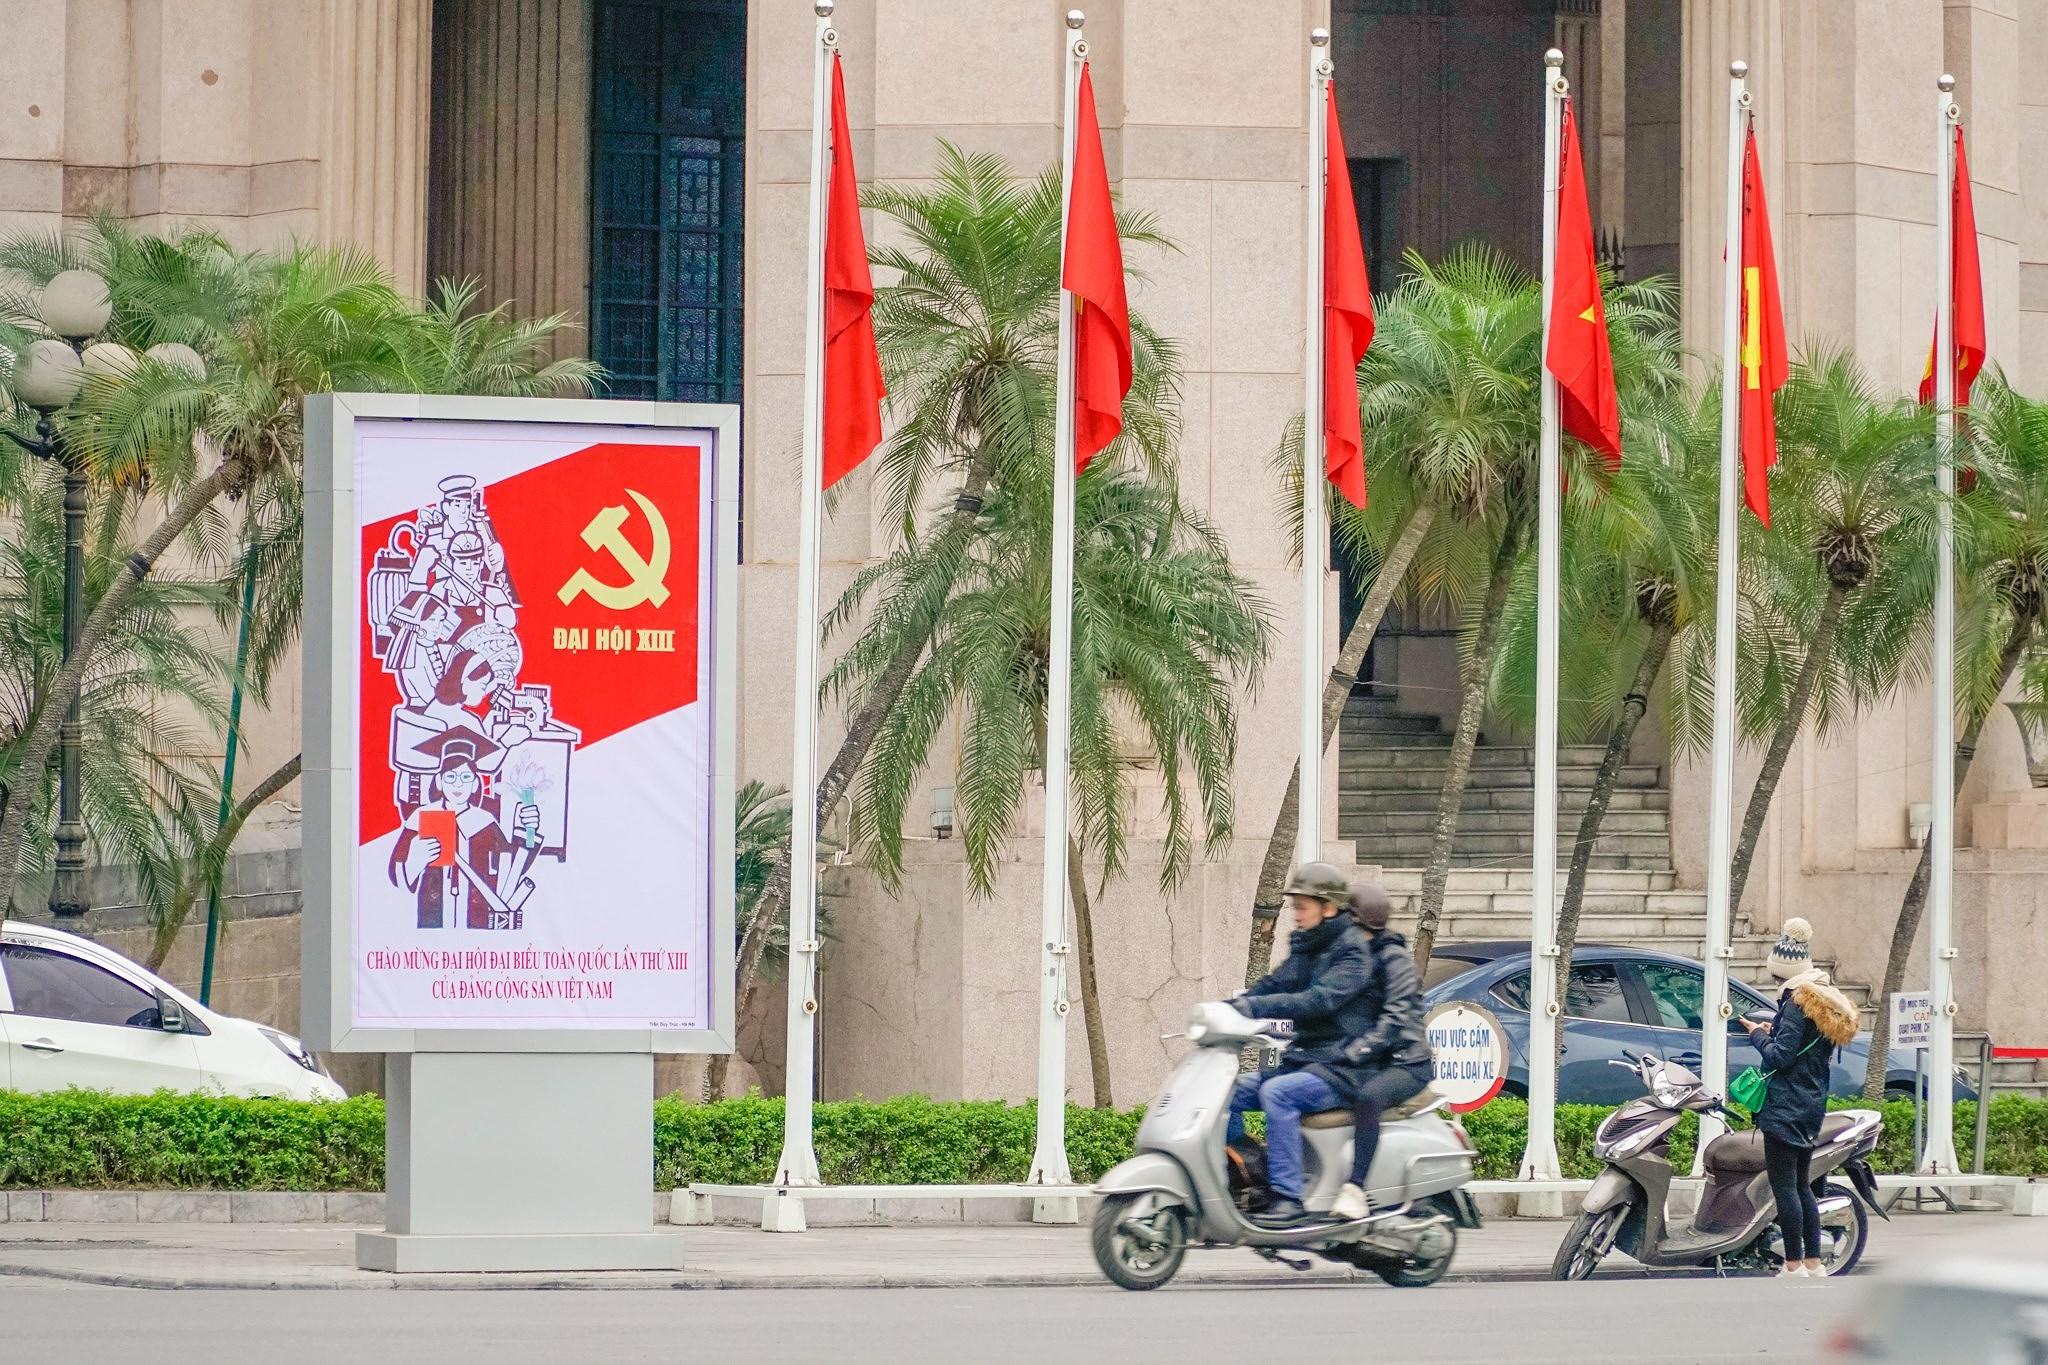 [Photo] Pho phuong Thu do trang hoang chao mung Dai hoi Dang XIII hinh anh 8